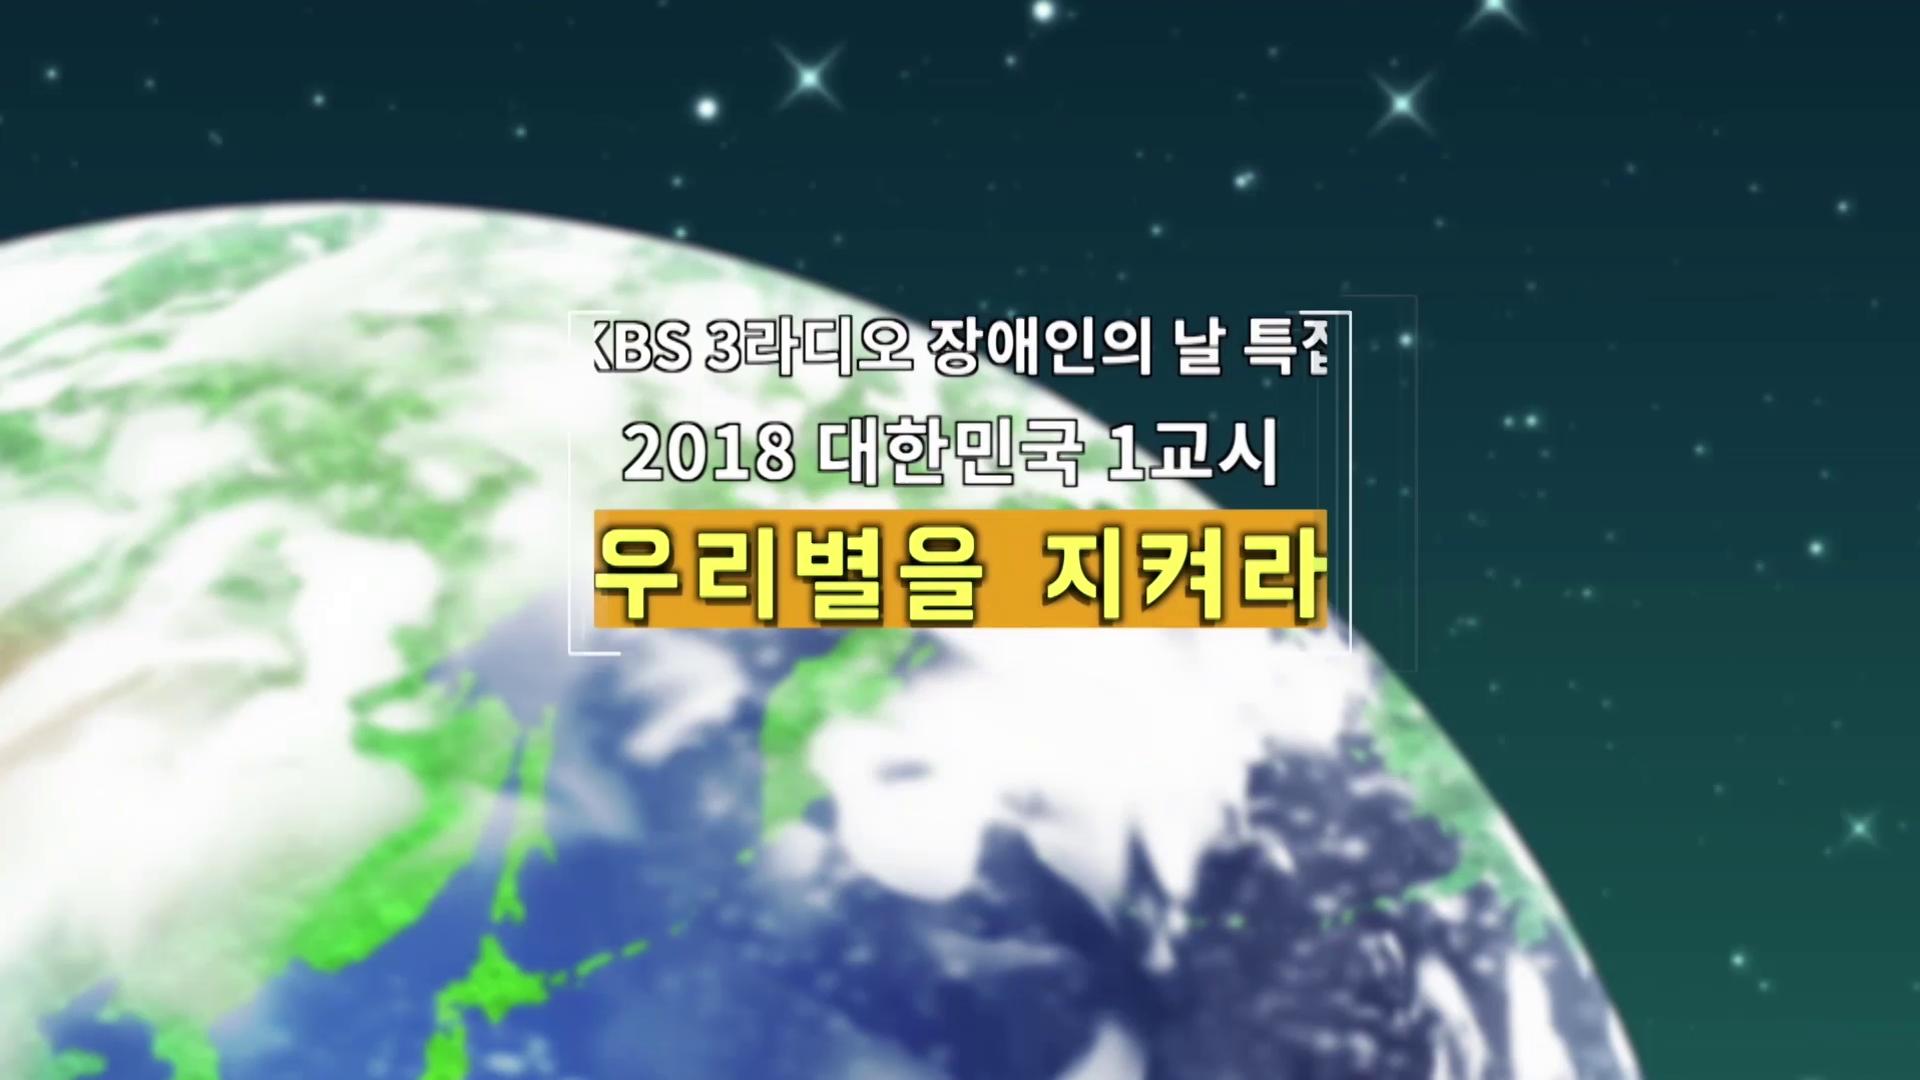 2018년 대한민국 1교시(최종) 사진